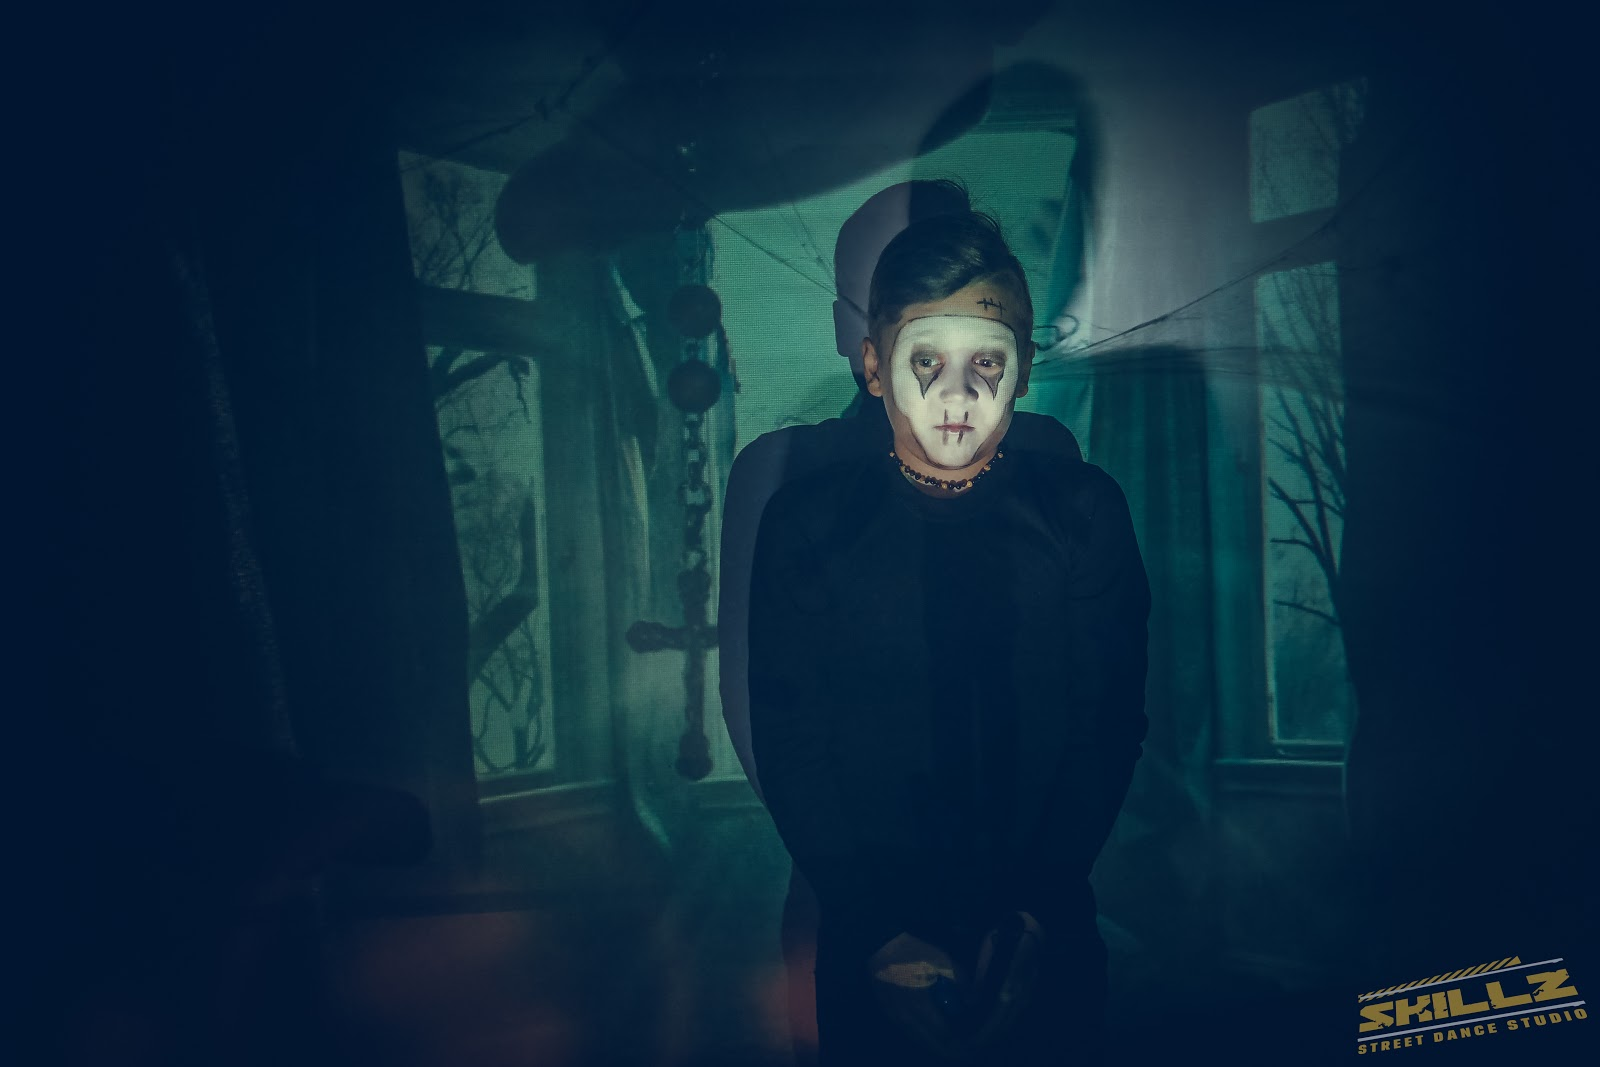 Naujikų krikštynos @SKILLZ (Halloween tema) - PANA1482.jpg